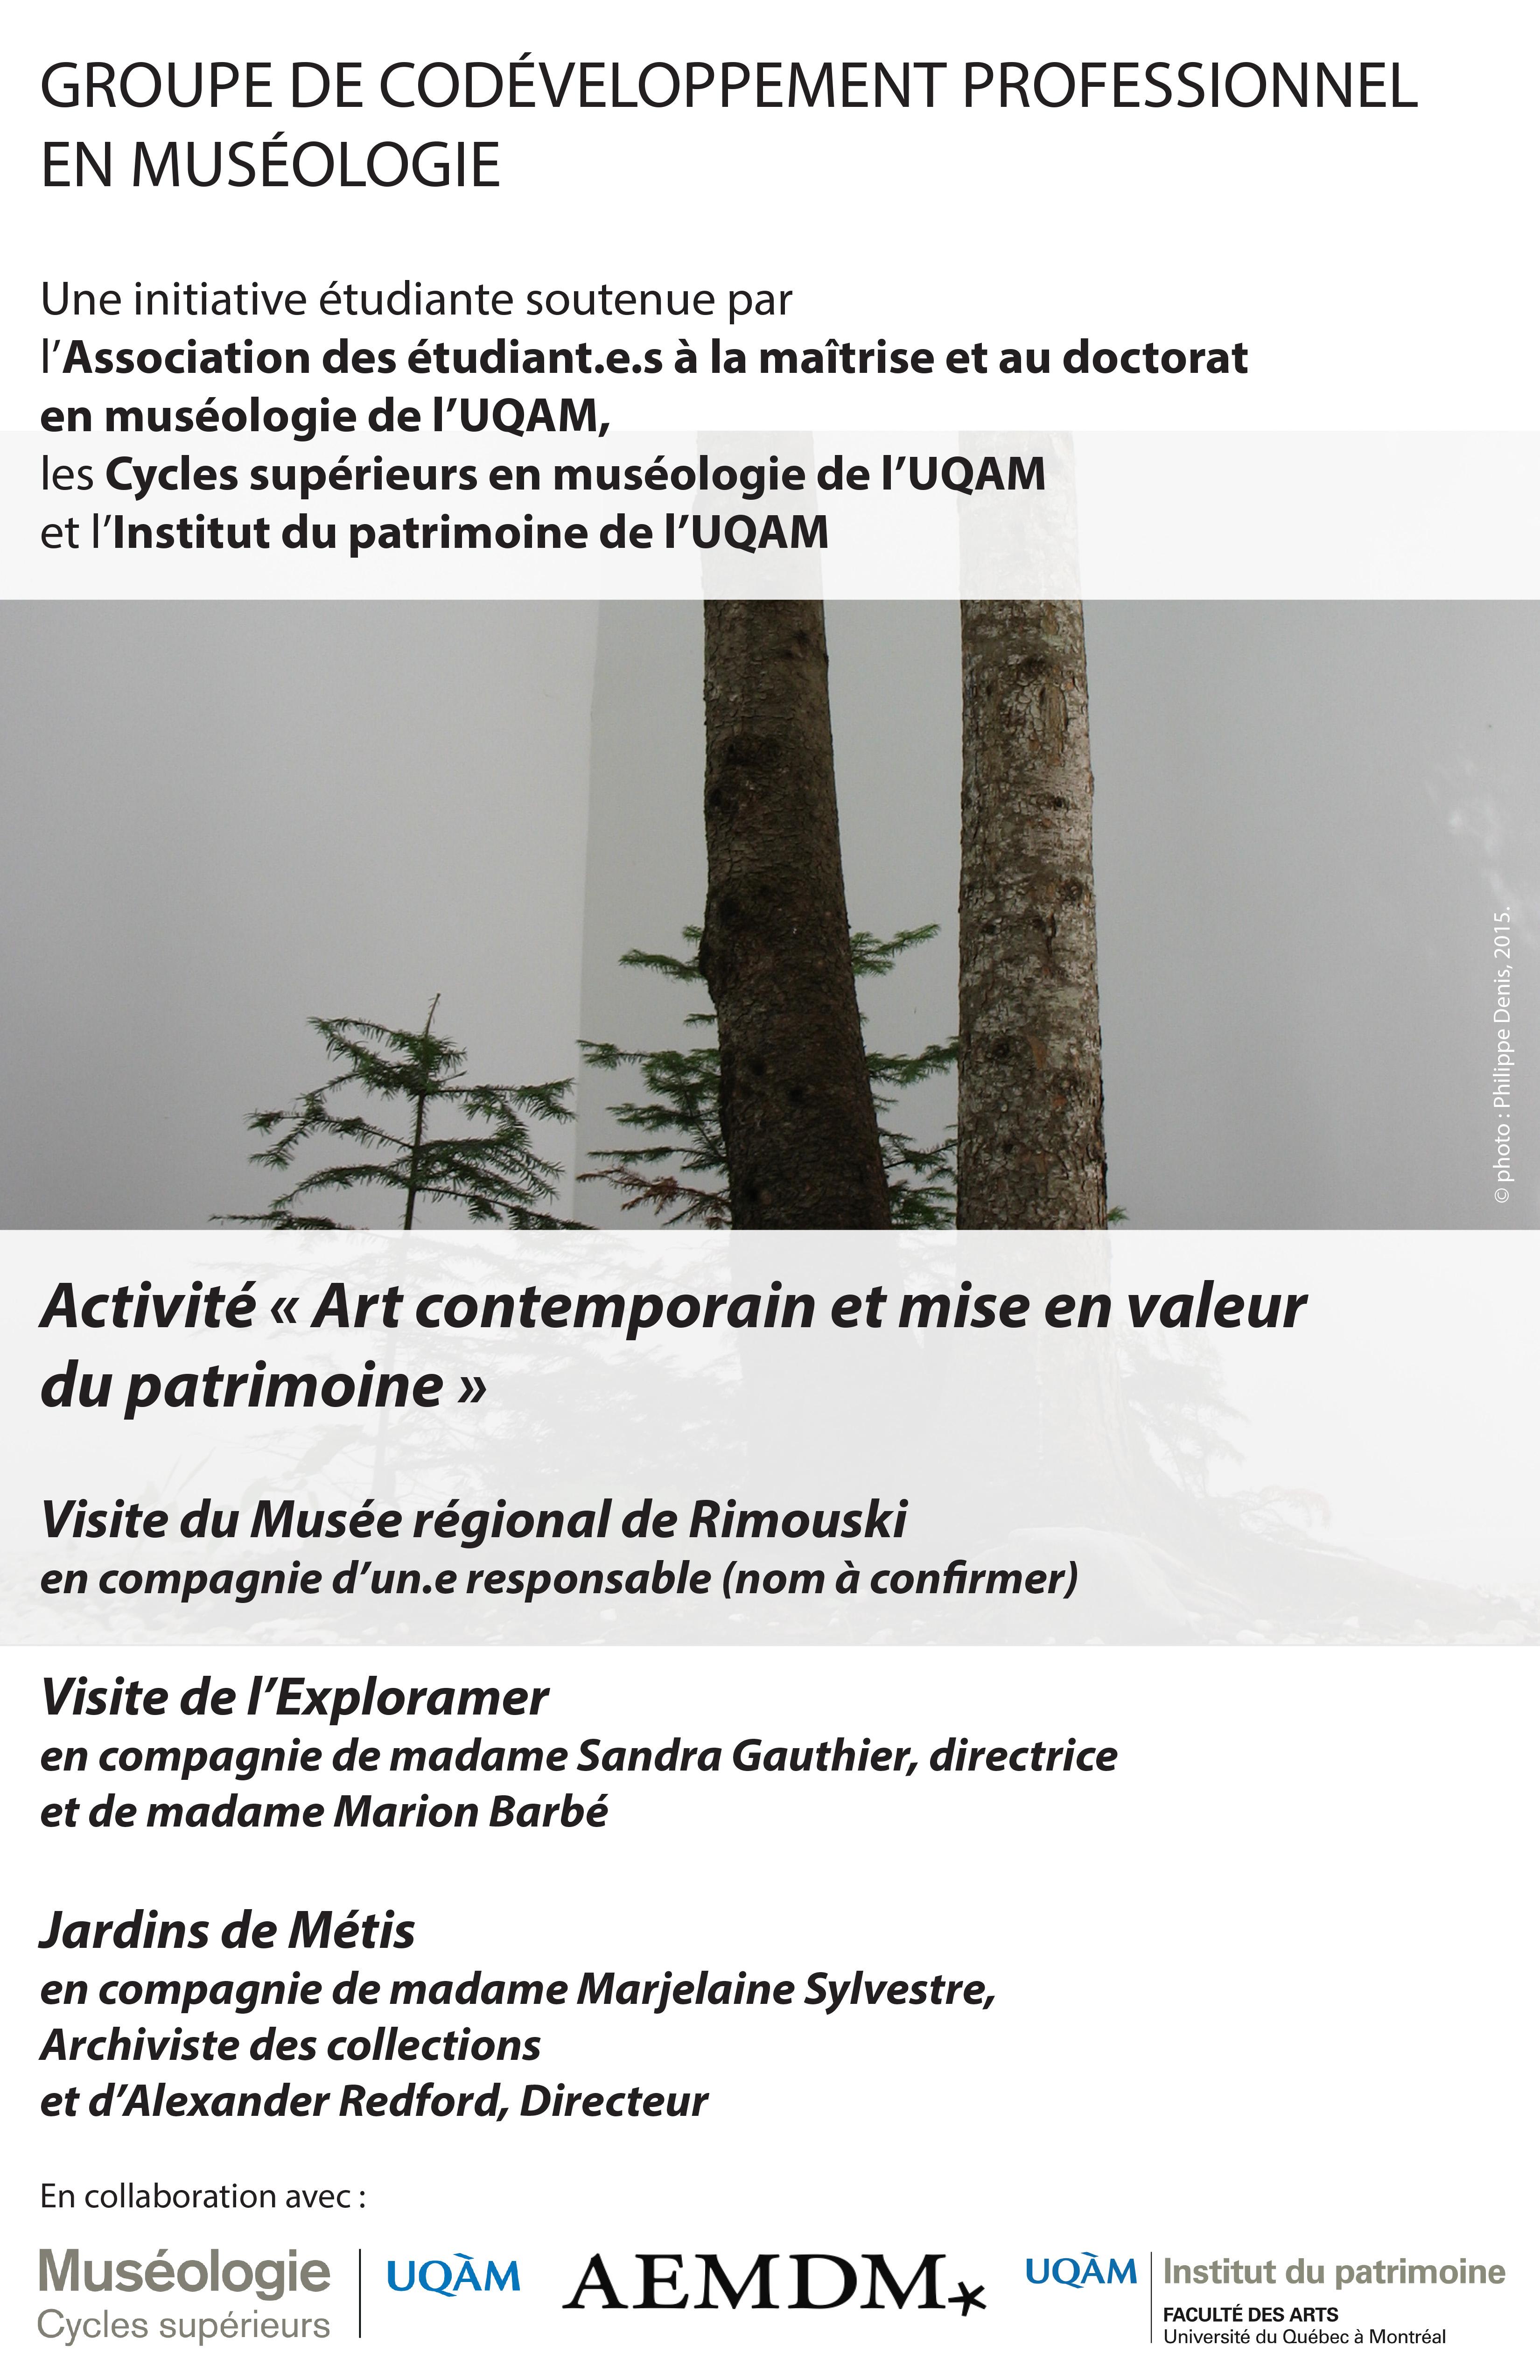 Groupe de codéveloppement professionnel en muséologie / Art contemporain et mise en valeur du patrimoine